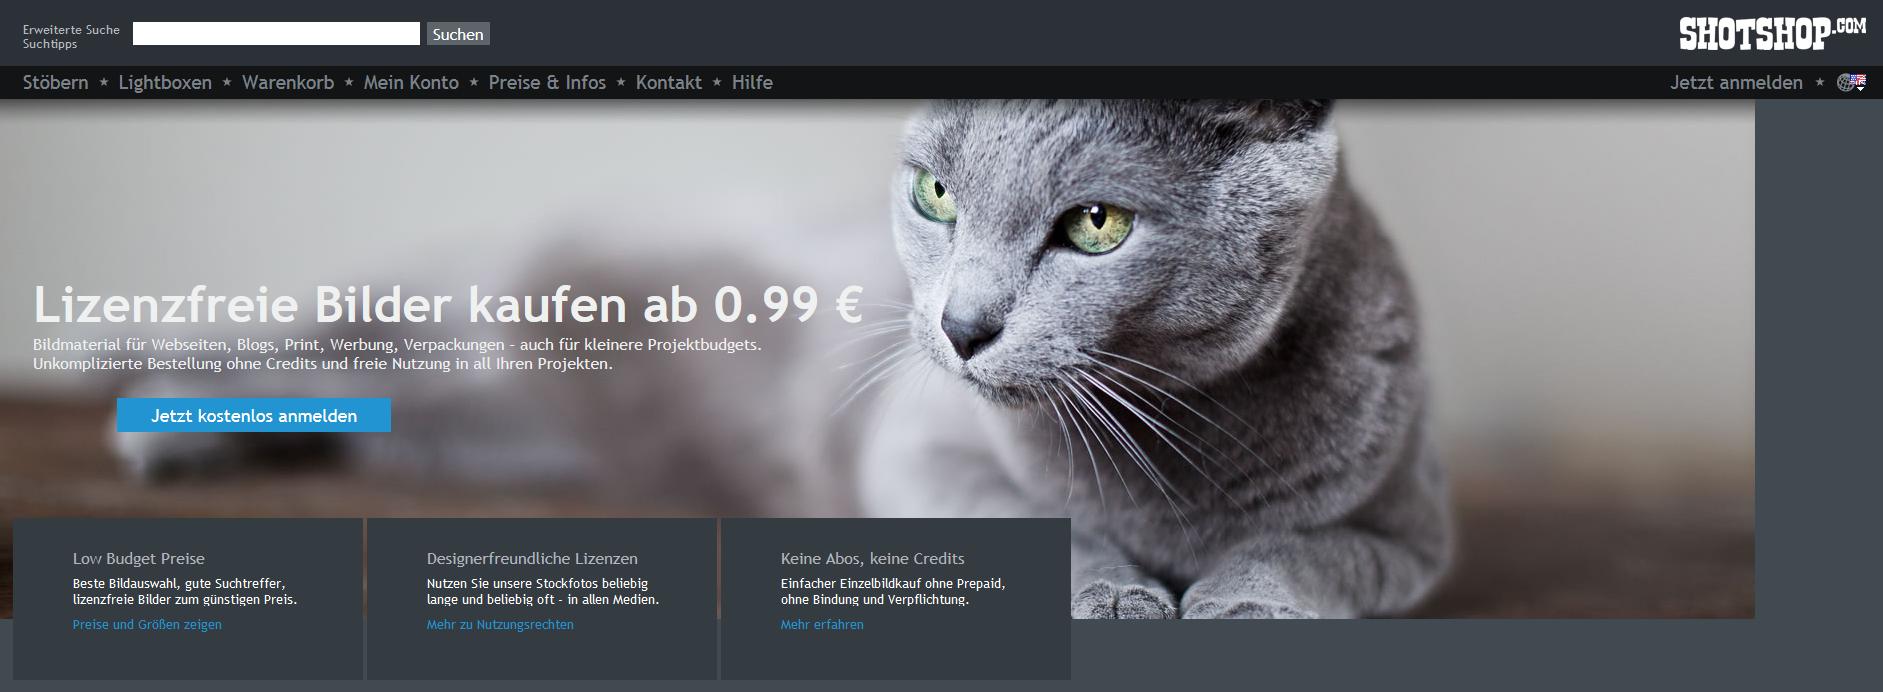 Shotshop Stockdatenbank - 8 deutsche Stockdatenbanken, die du noch nicht kennst